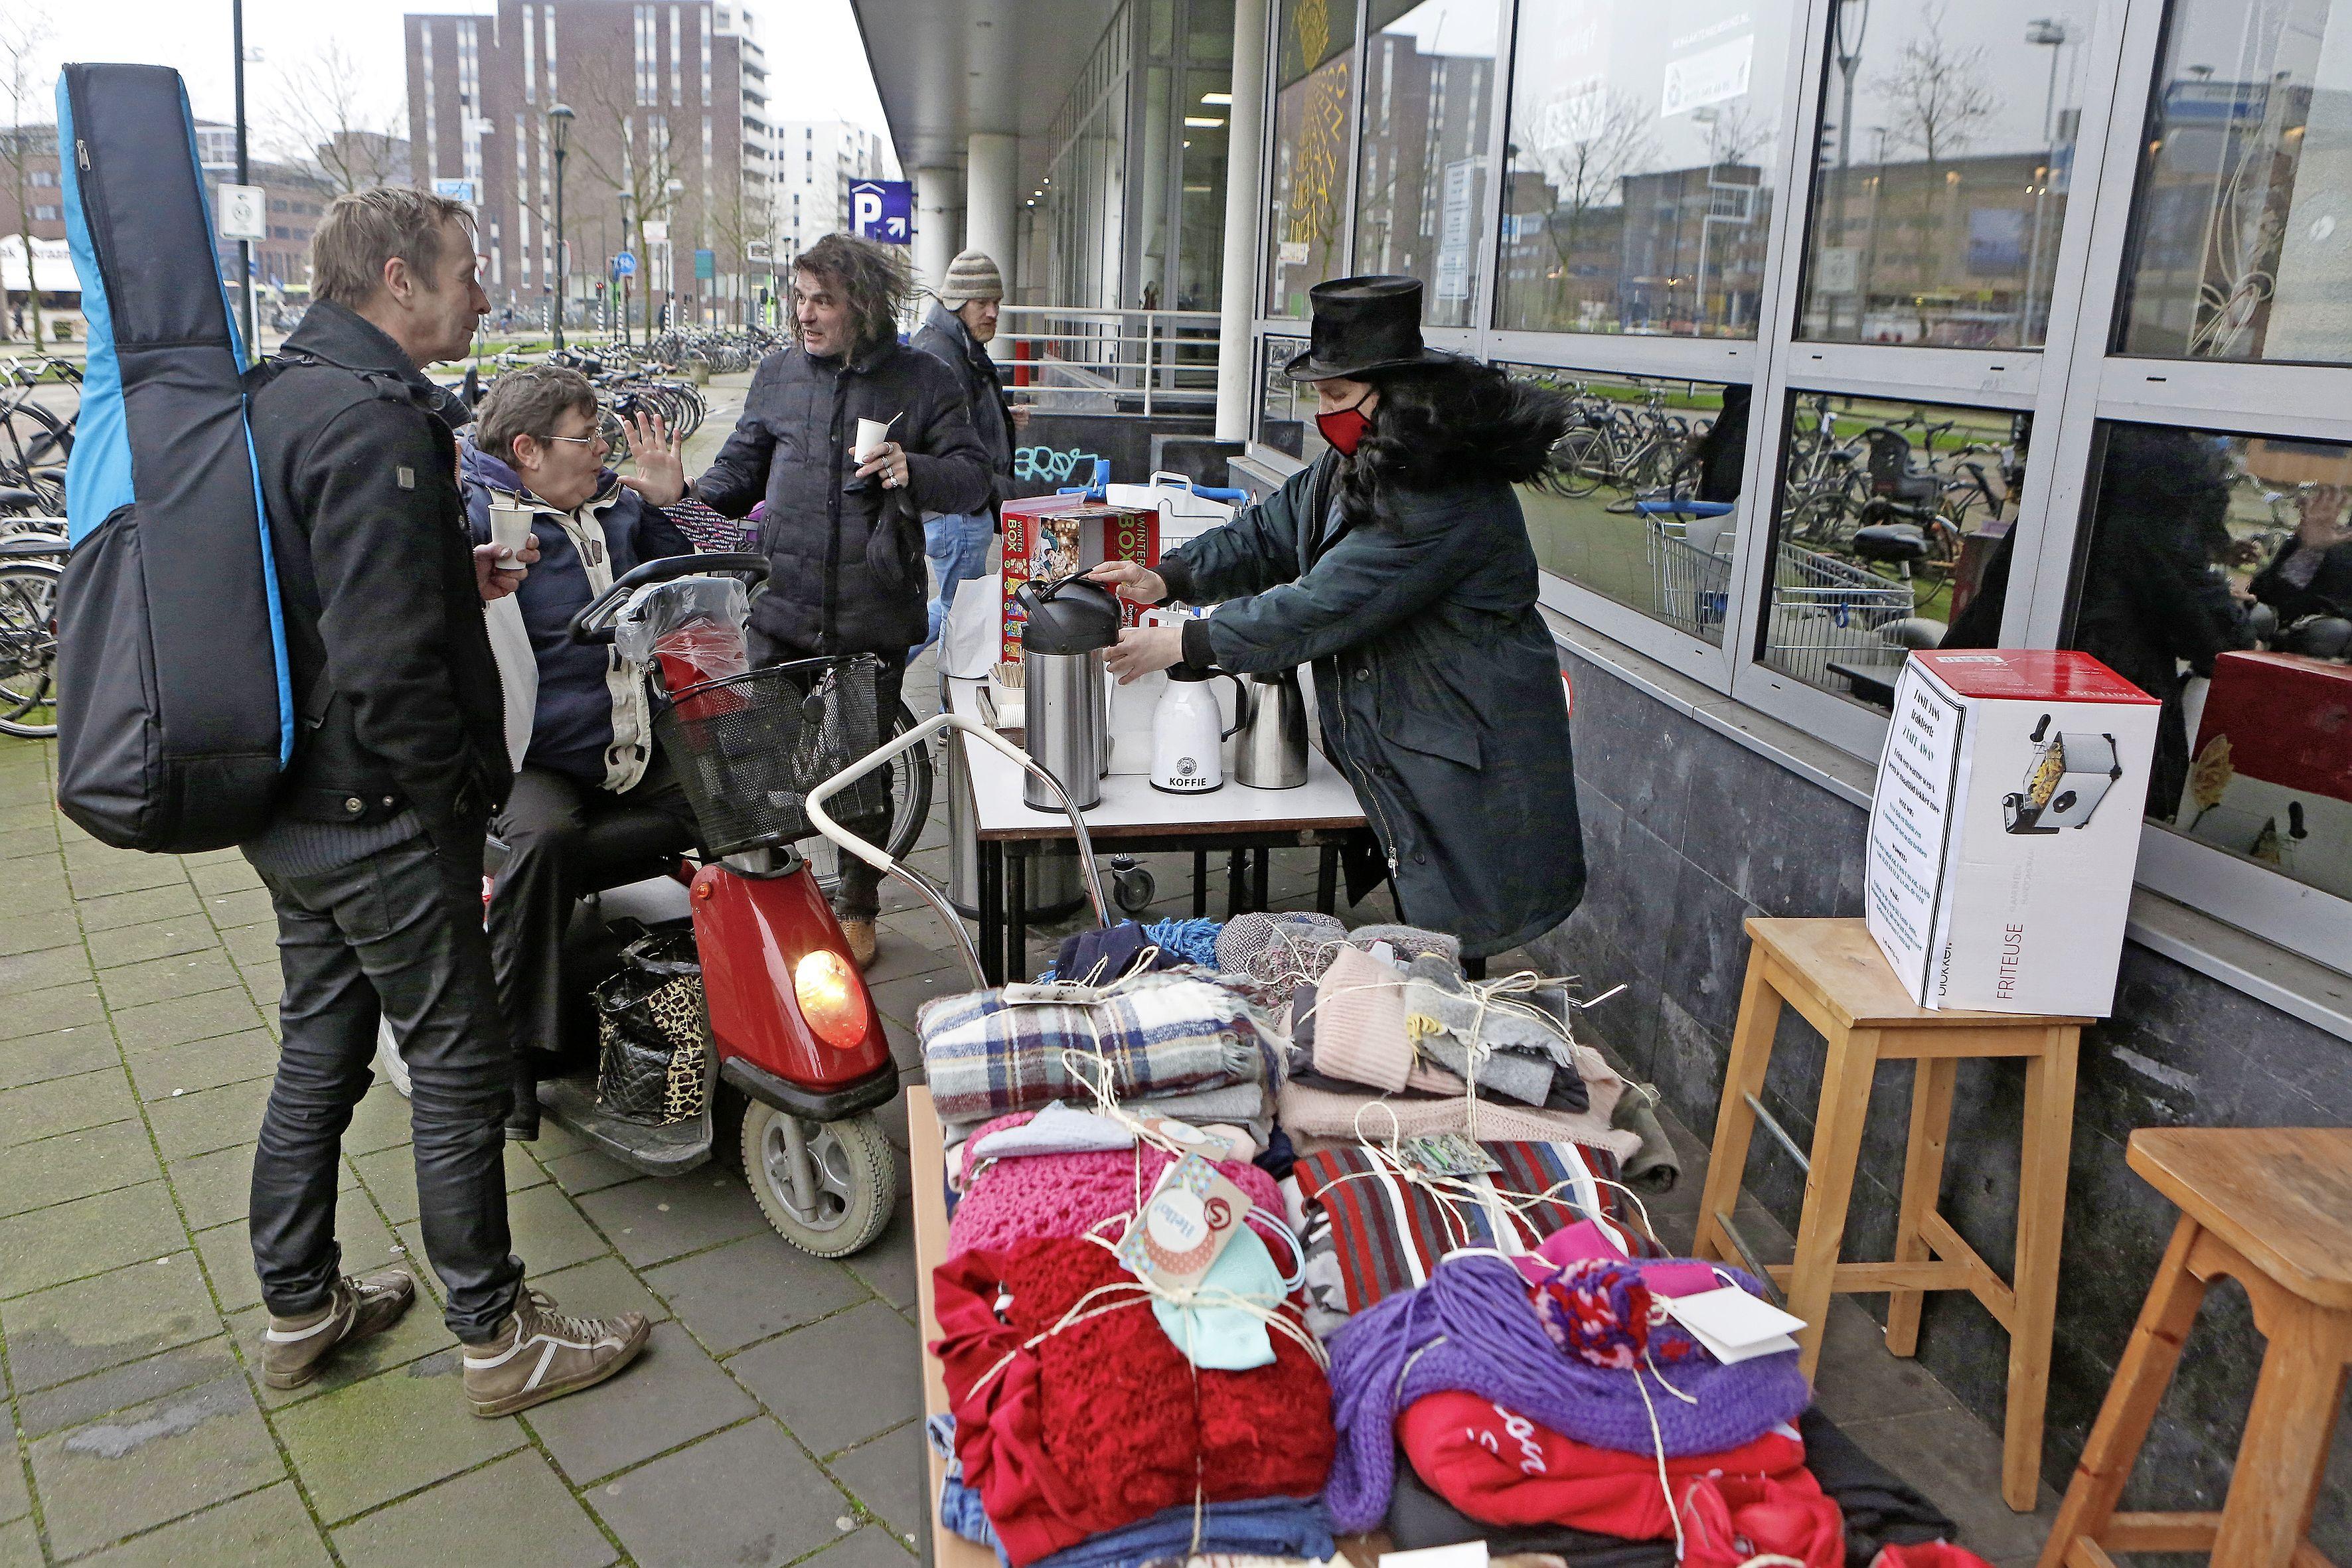 Gratis eten van Tante Jans groot succes: 360 maaltijden en donaties van geld en warme kleding